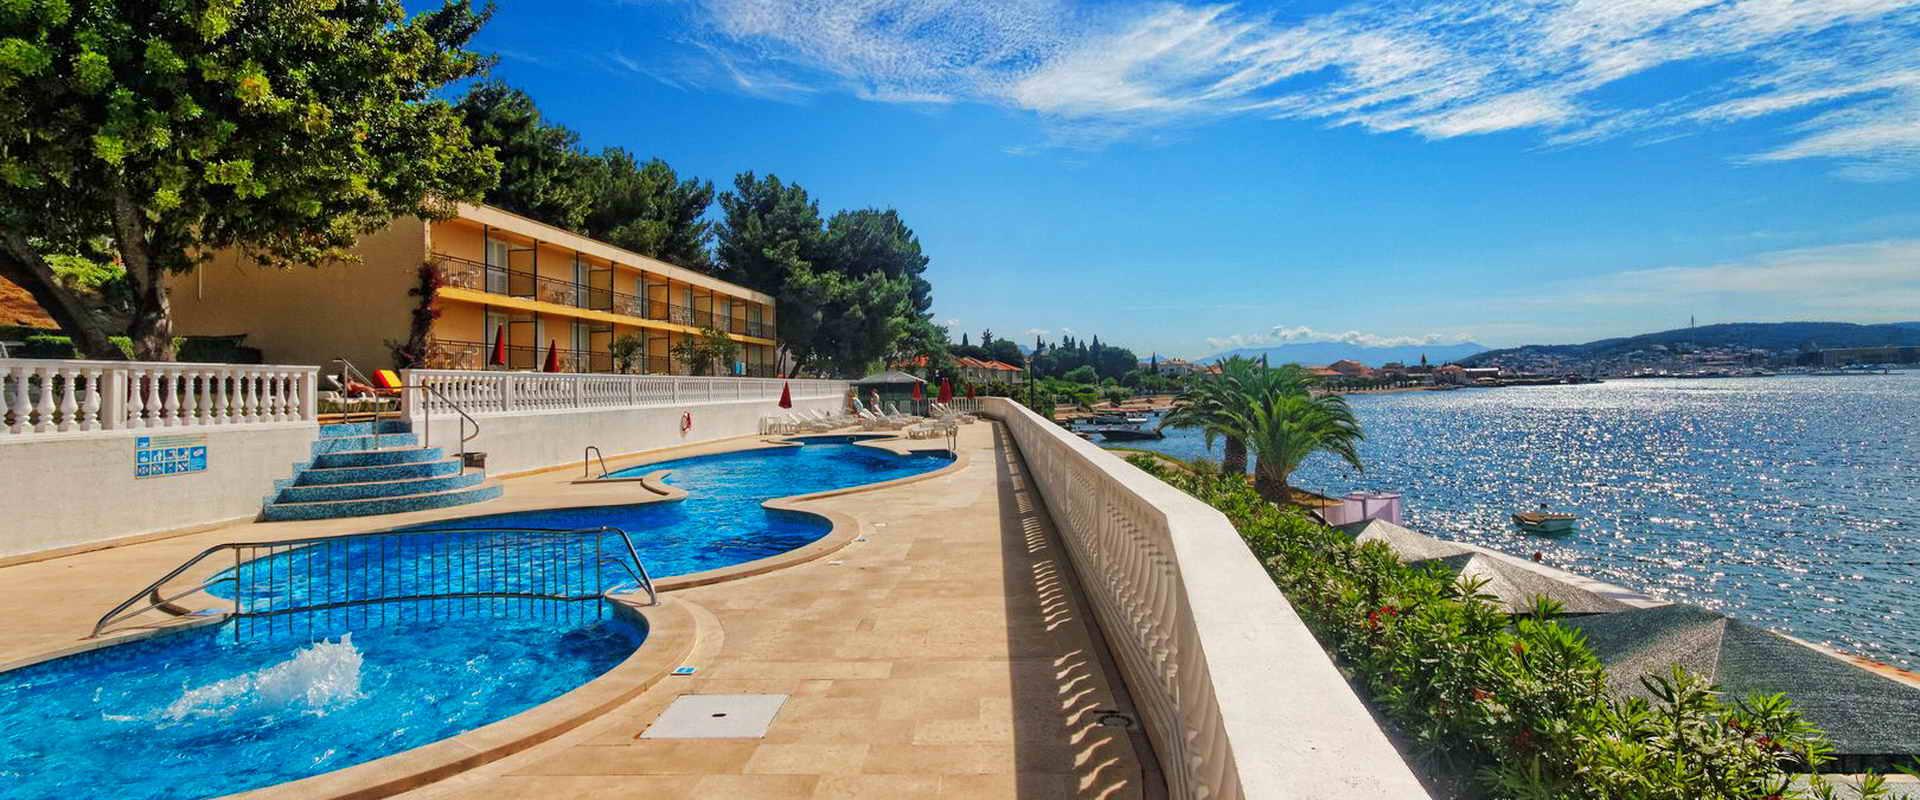 Hotel TN Jadran